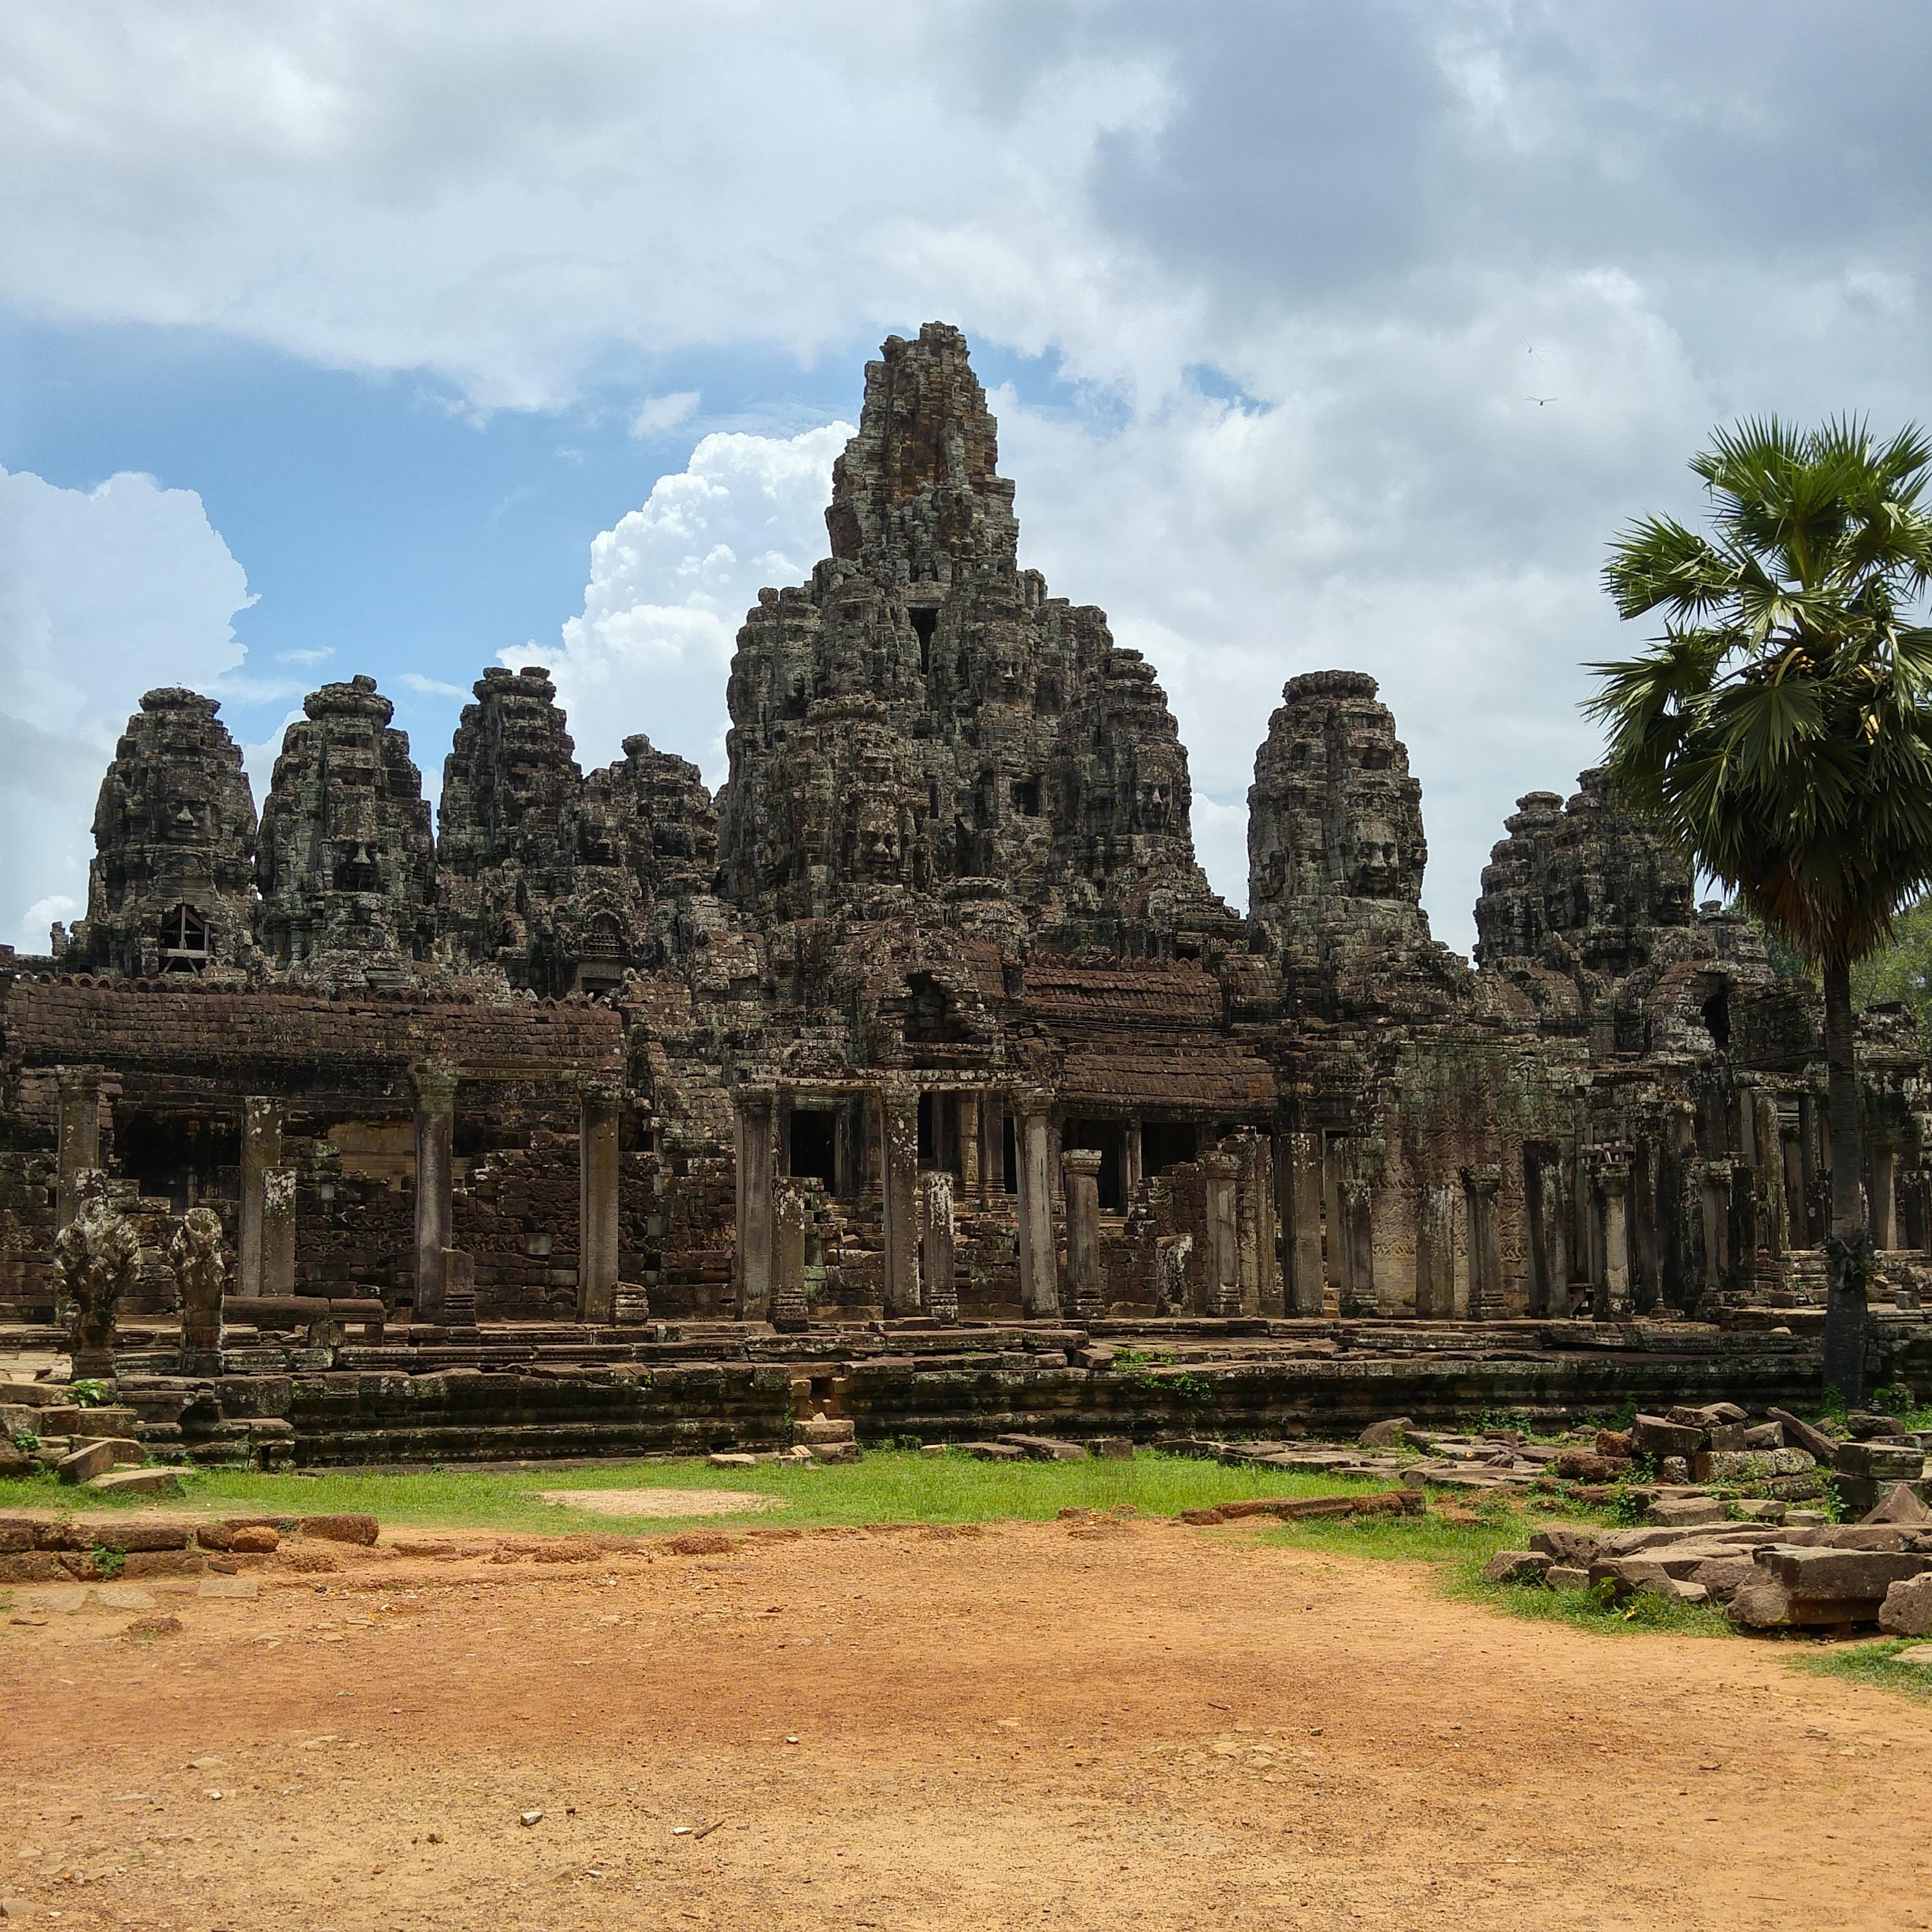 Kamboçyanın para birimi: tarih, döviz, fotoğraf 84